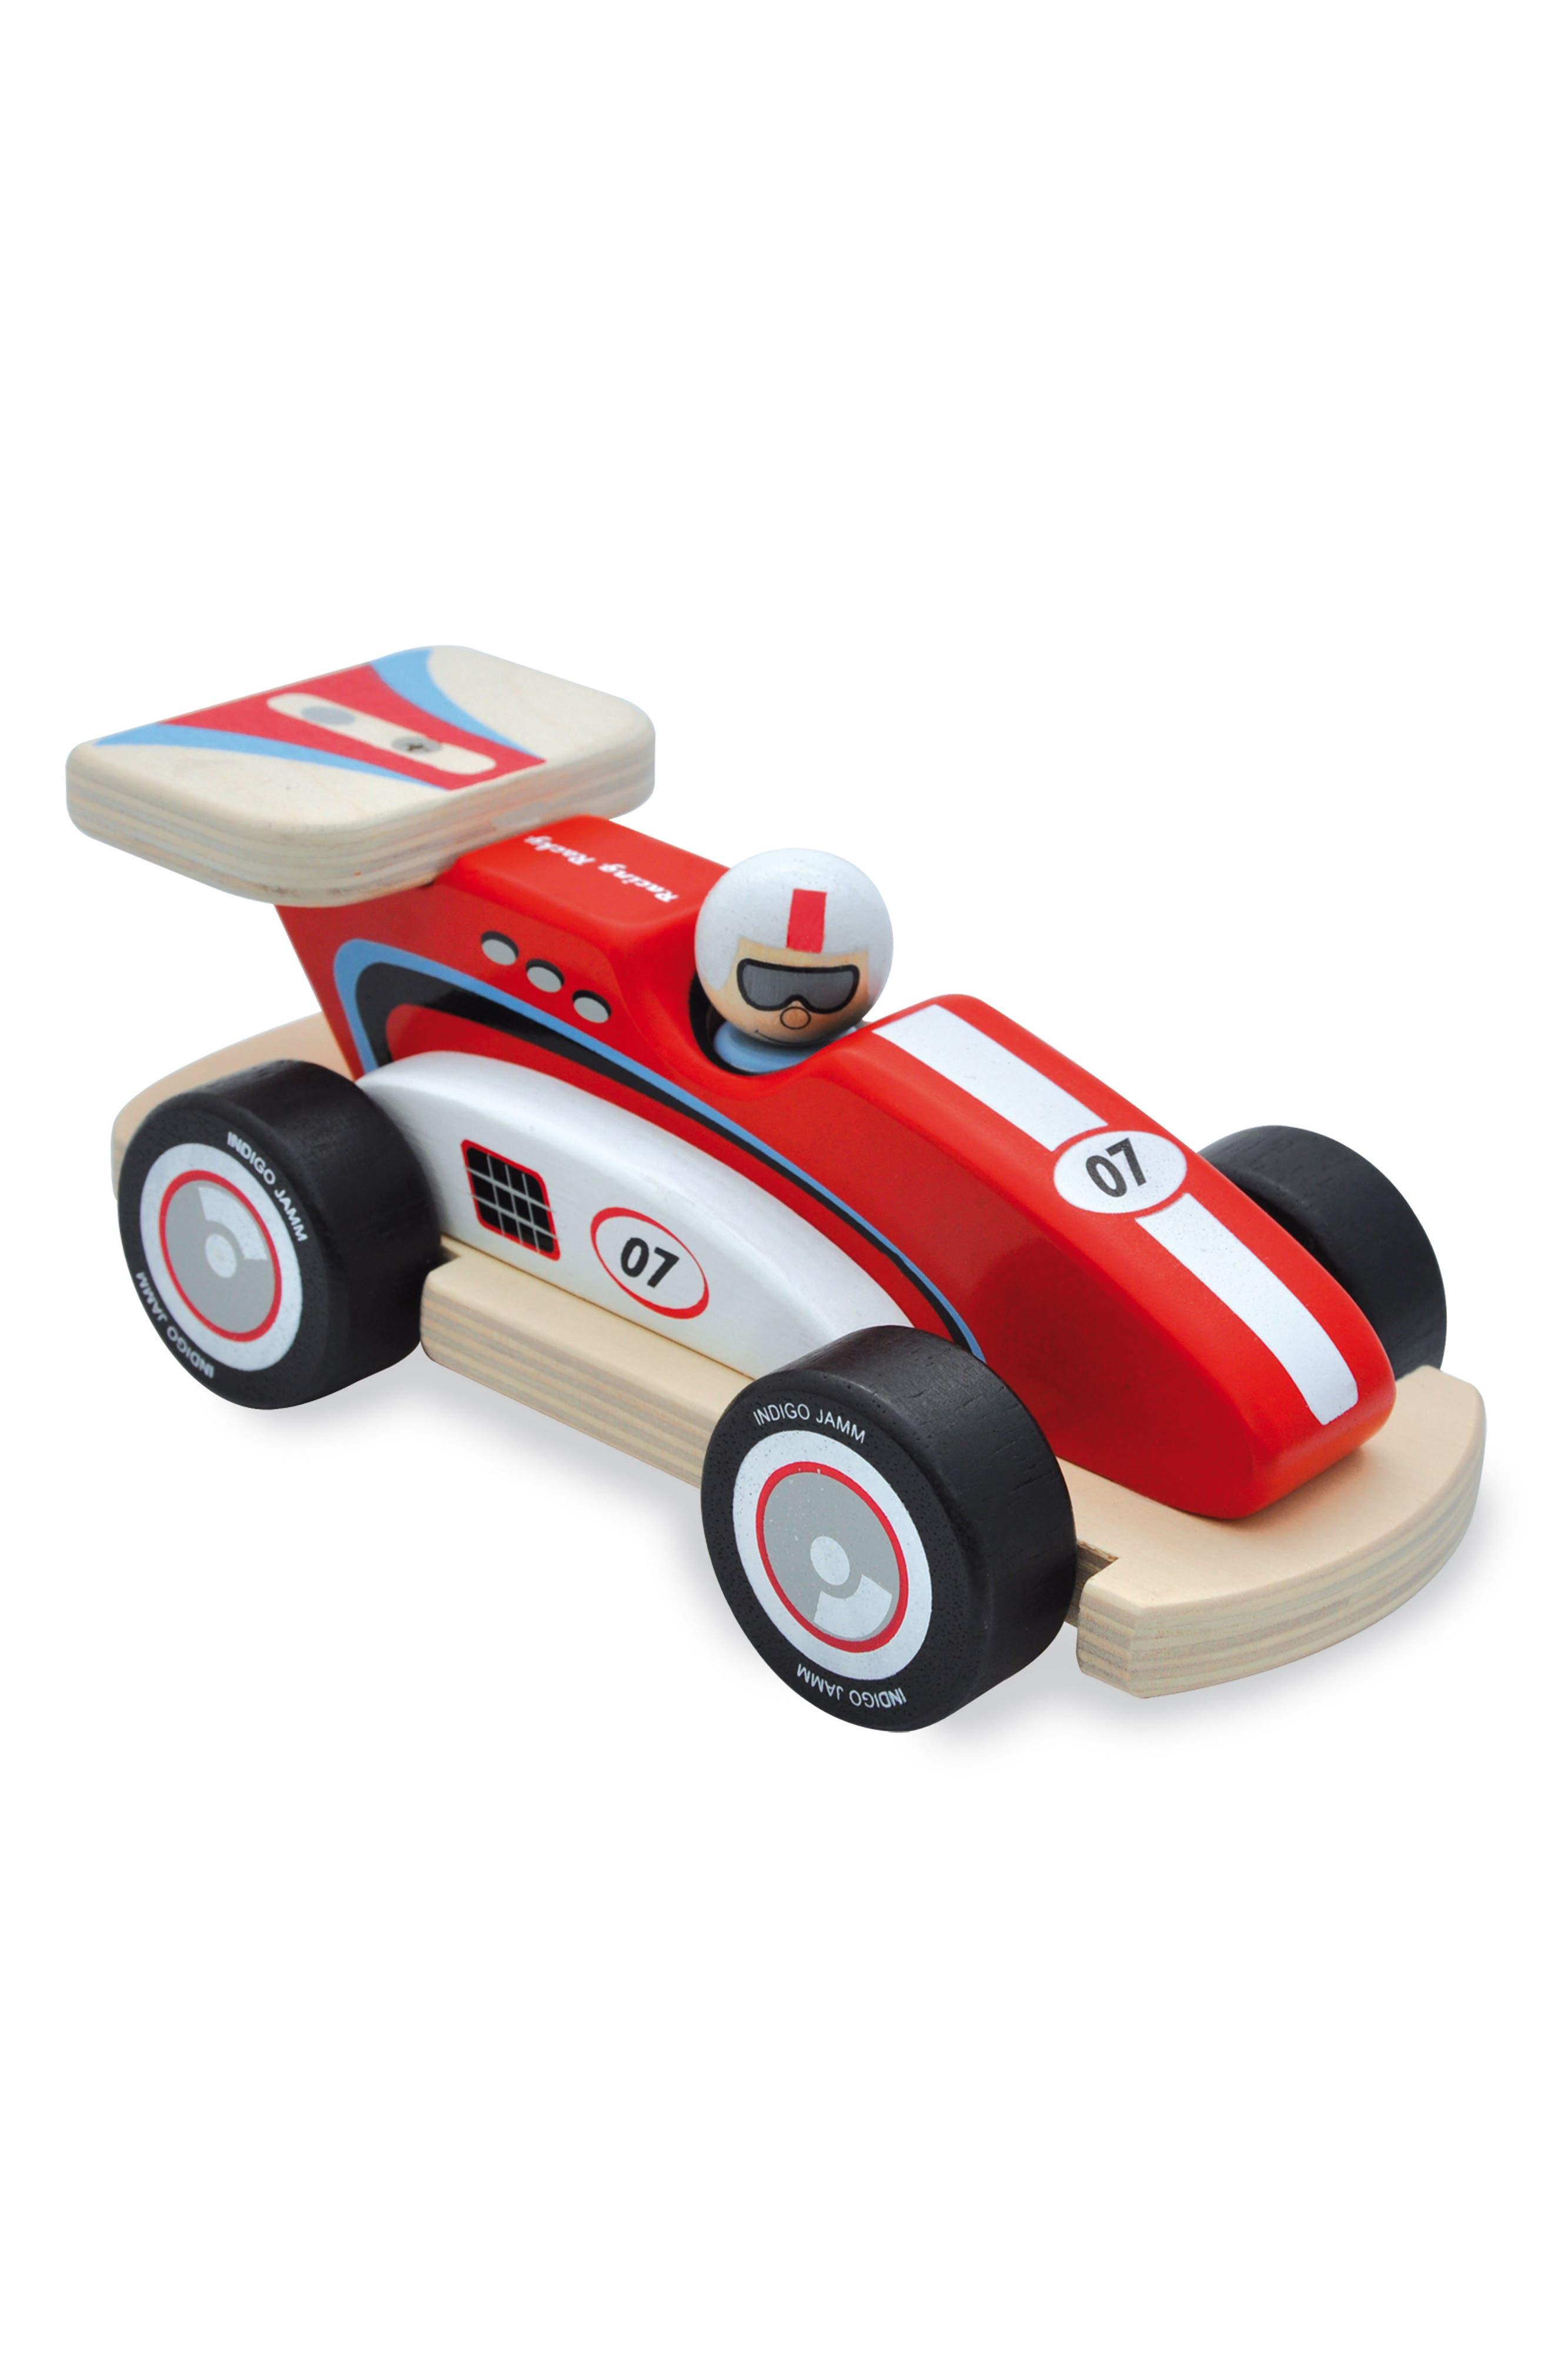 Main Image - Indigo Jamm Rocky Racer Racing Car